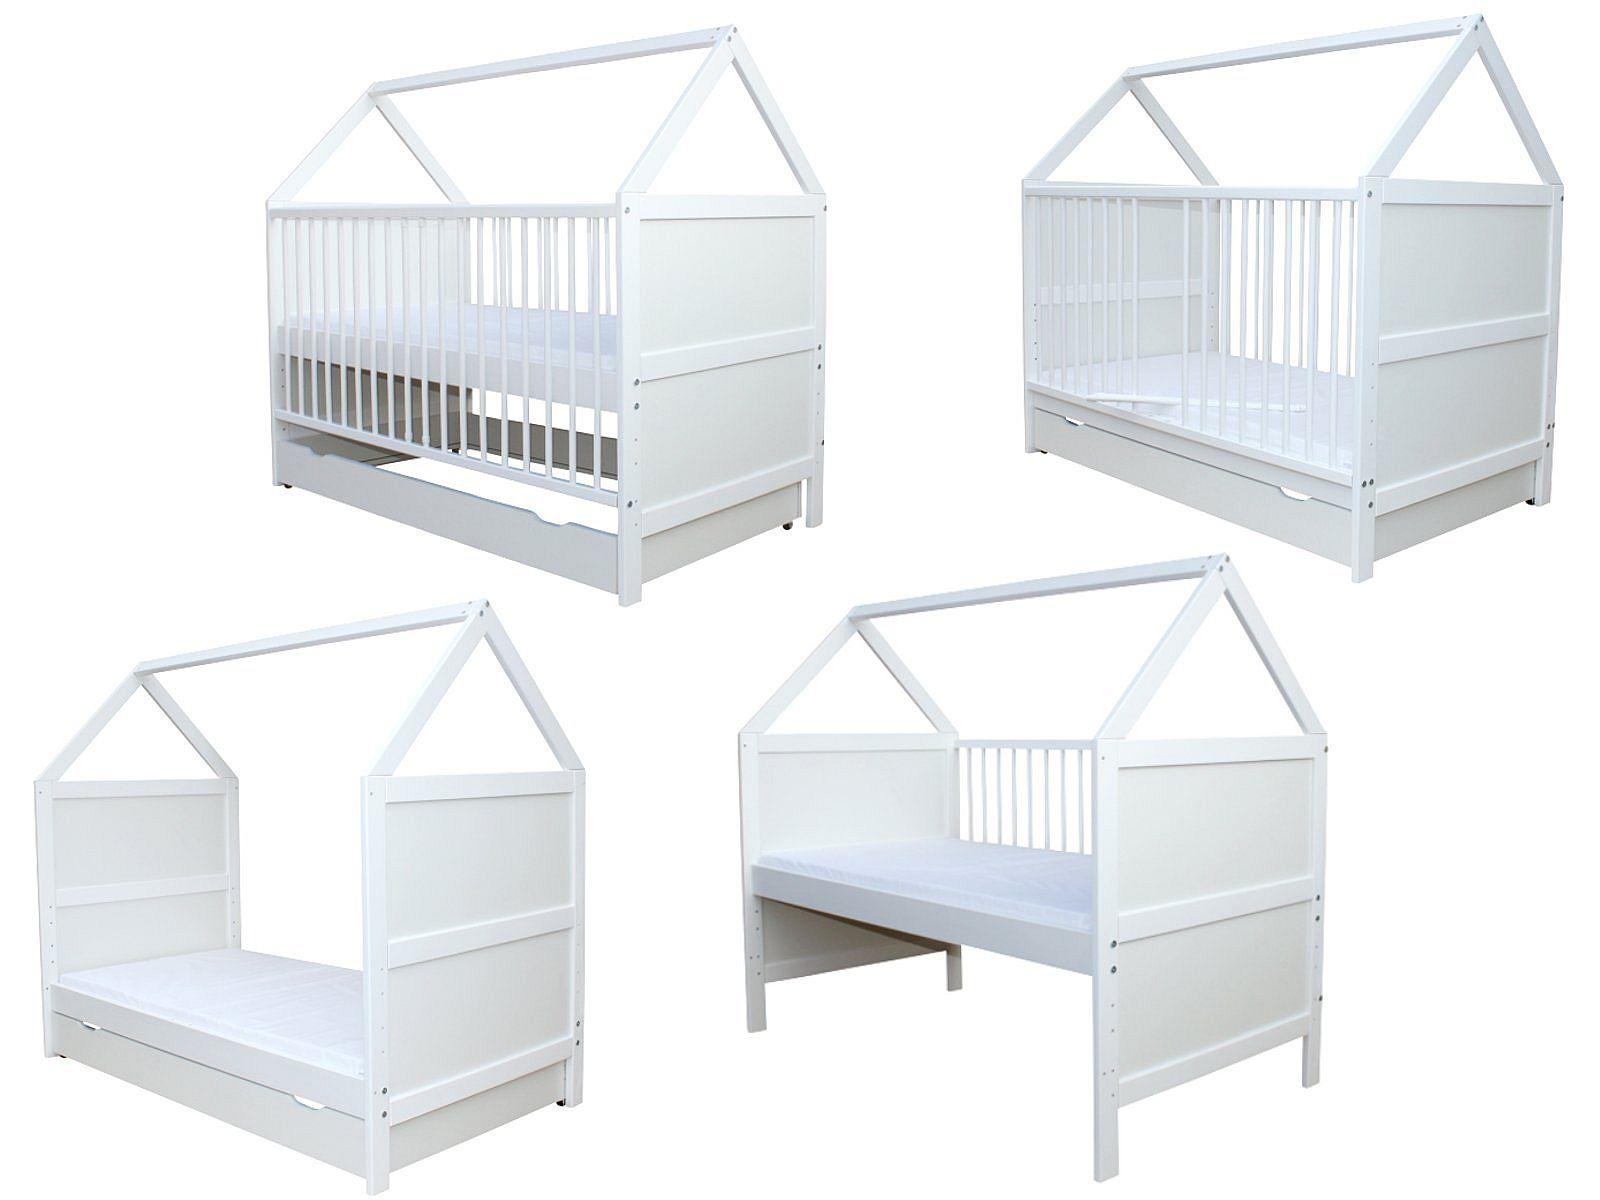 Micoland - Babybett Kinderbett Juniorbett Bett Haus 140x70 ...